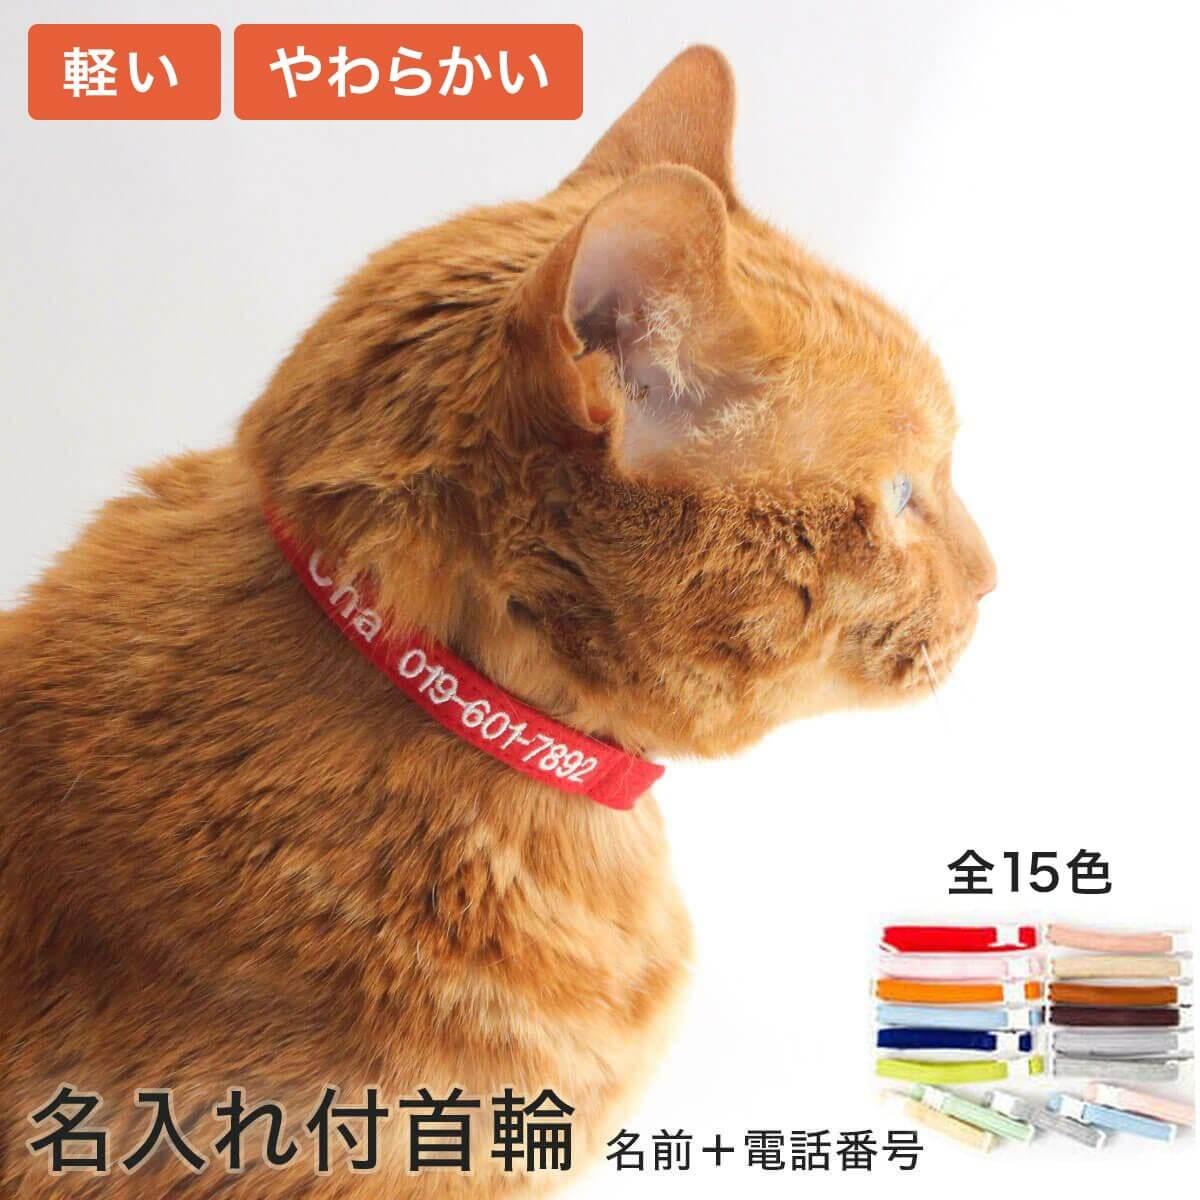 柔らかい軽い素材で「猫に優しい」「嫌がらない」と好評。引っかけても外れる安全バックル。お名前と電話番号の名入れ付 【名入れ付】 猫 首輪 フェルト 迷子防止 ねこともカラー nekotomoCOLLAR 日本製